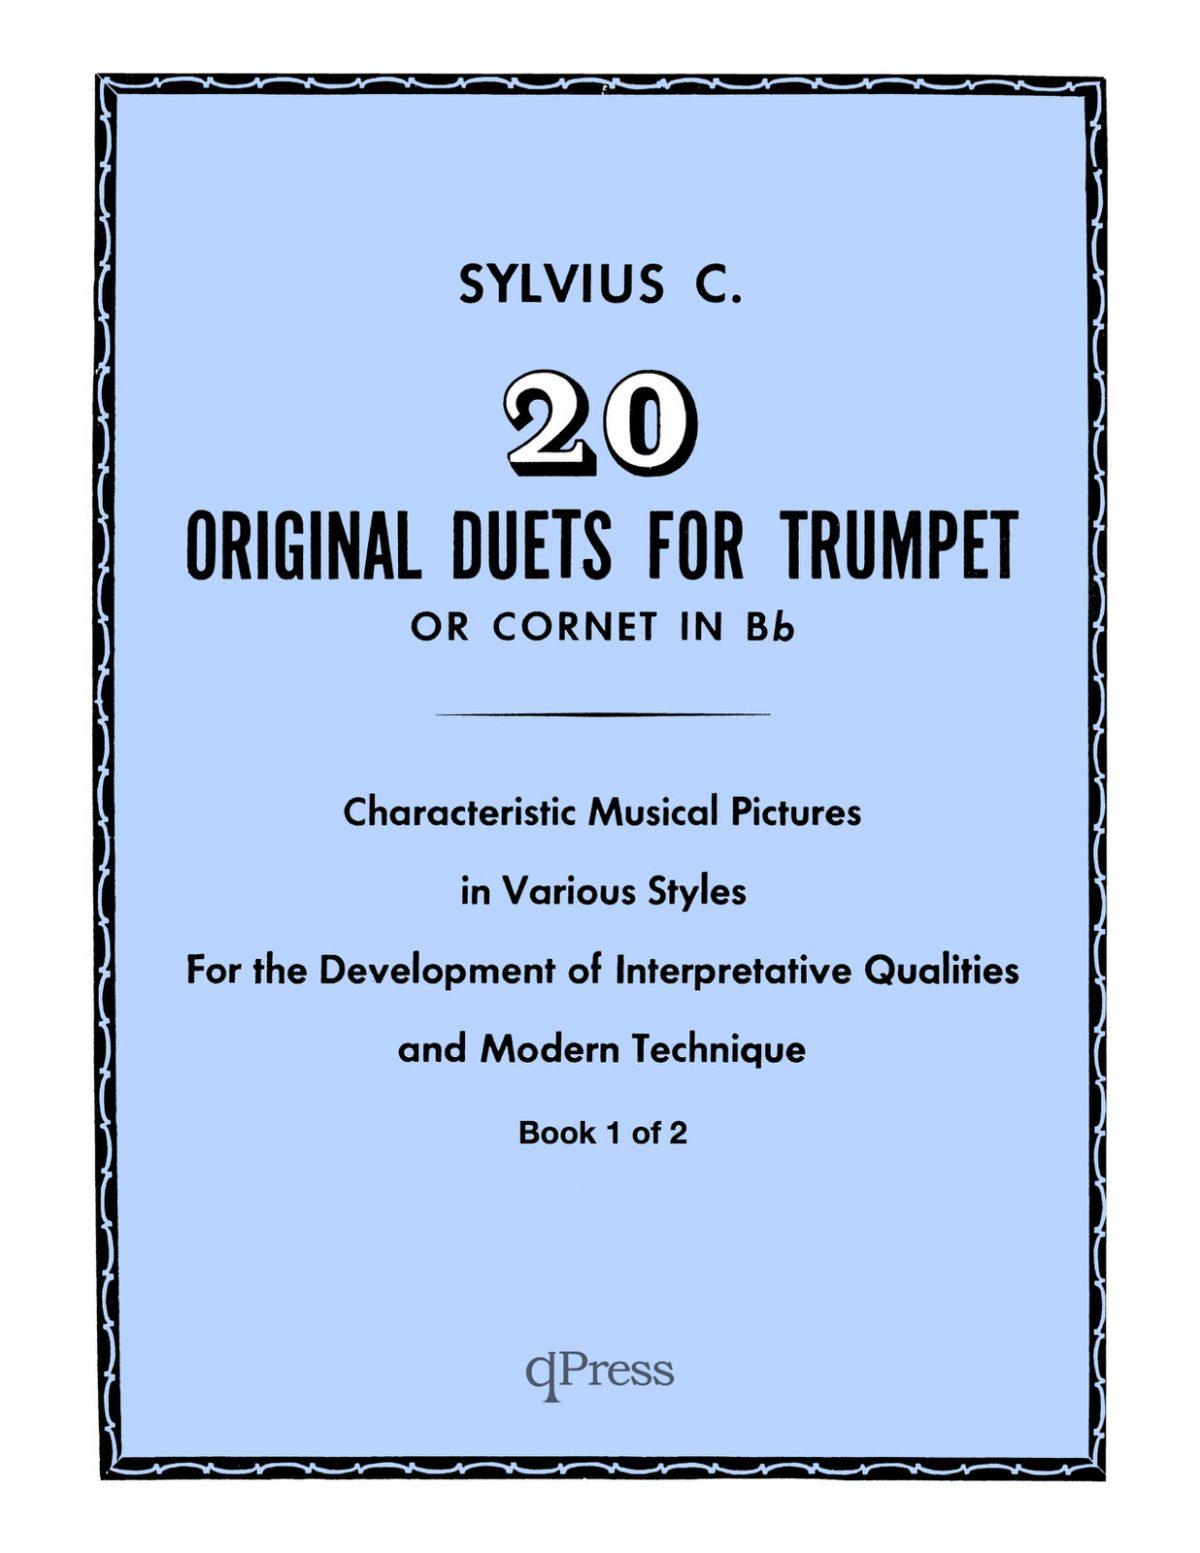 Clean Coscia, Sylvius 20 Original Duets for Trumpet or Cornet Book 1